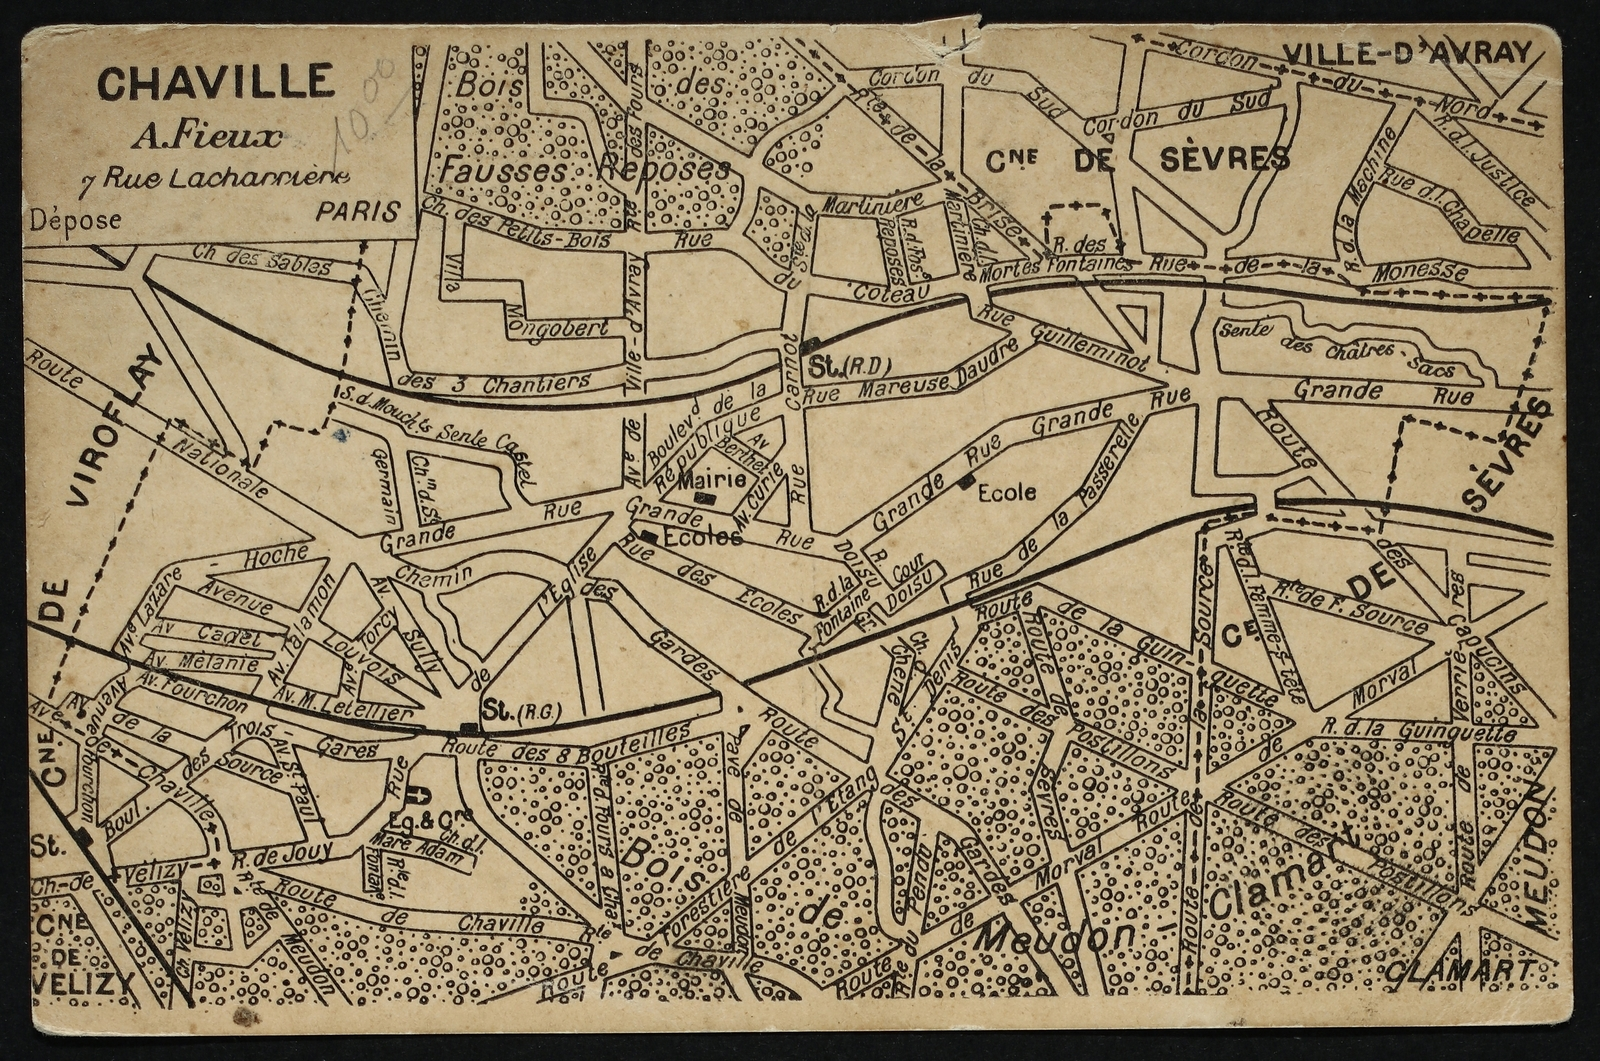 Ancienne carte de Chaville 1900